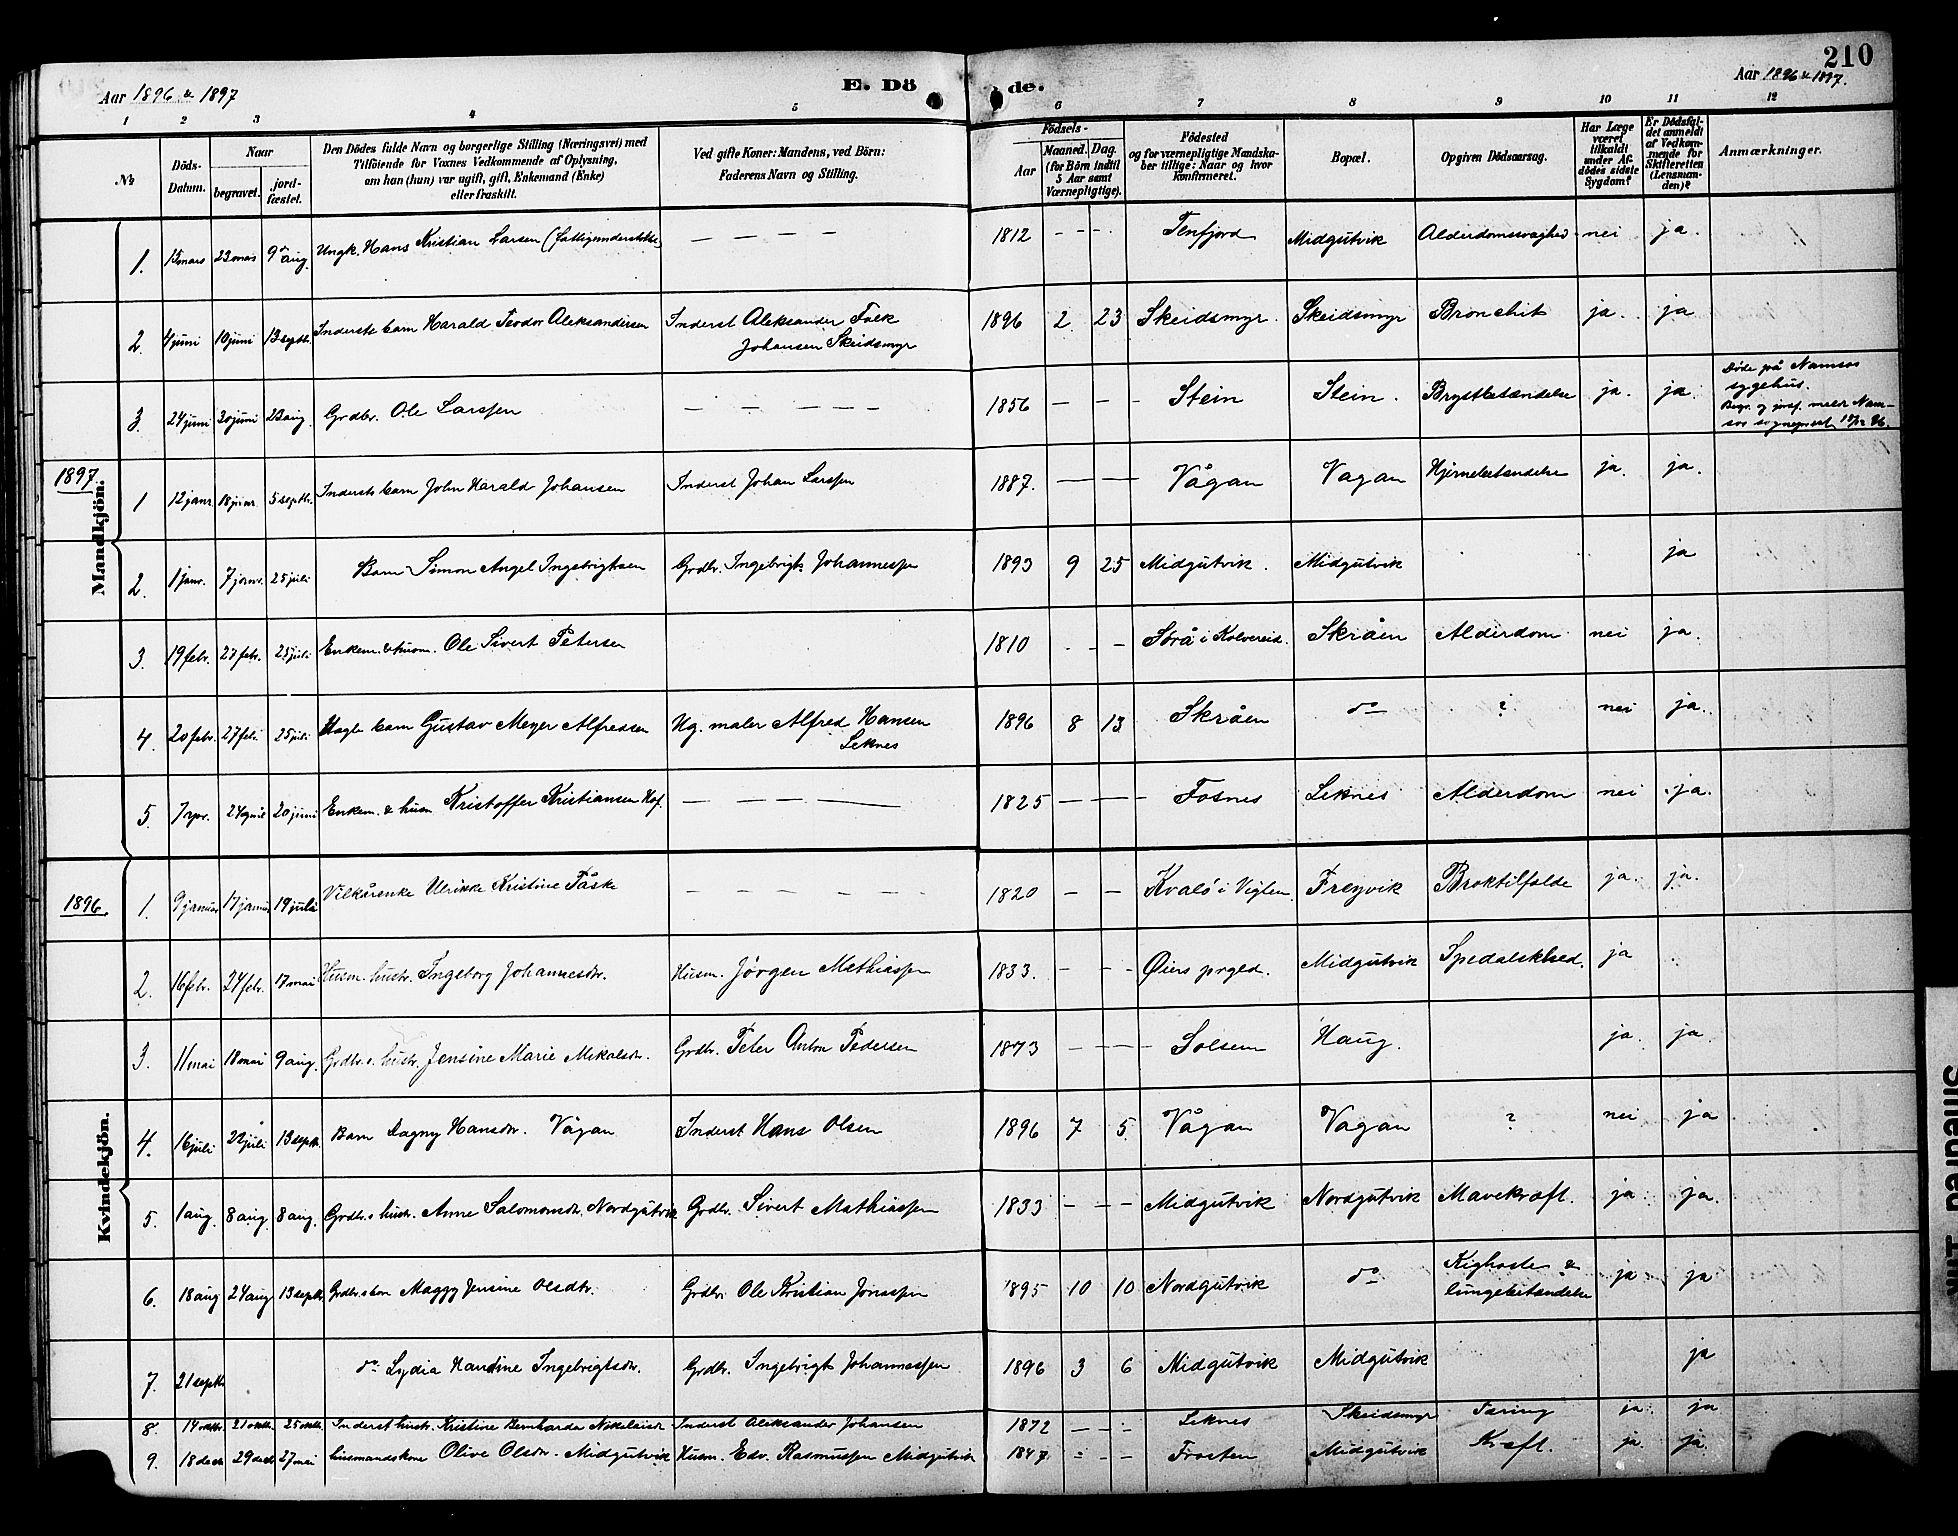 SAT, Ministerialprotokoller, klokkerbøker og fødselsregistre - Nord-Trøndelag, 788/L0701: Klokkerbok nr. 788C01, 1888-1913, s. 210